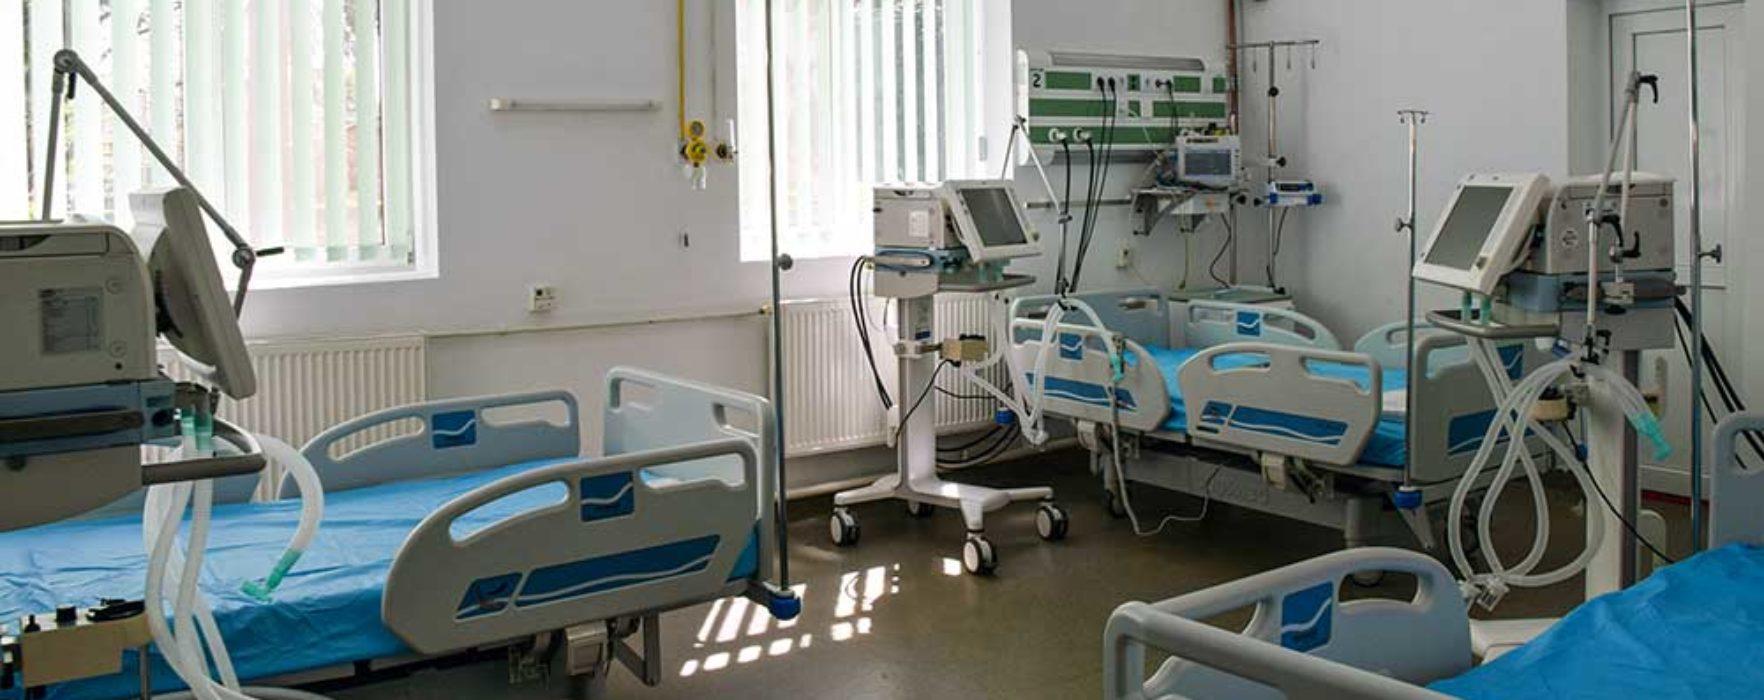 Secţia Ortopedie a Spitalului Judeţean de Urgenţă Târgovişte, amenajată ca spaţiu de primire pacienţi cu coronavirus